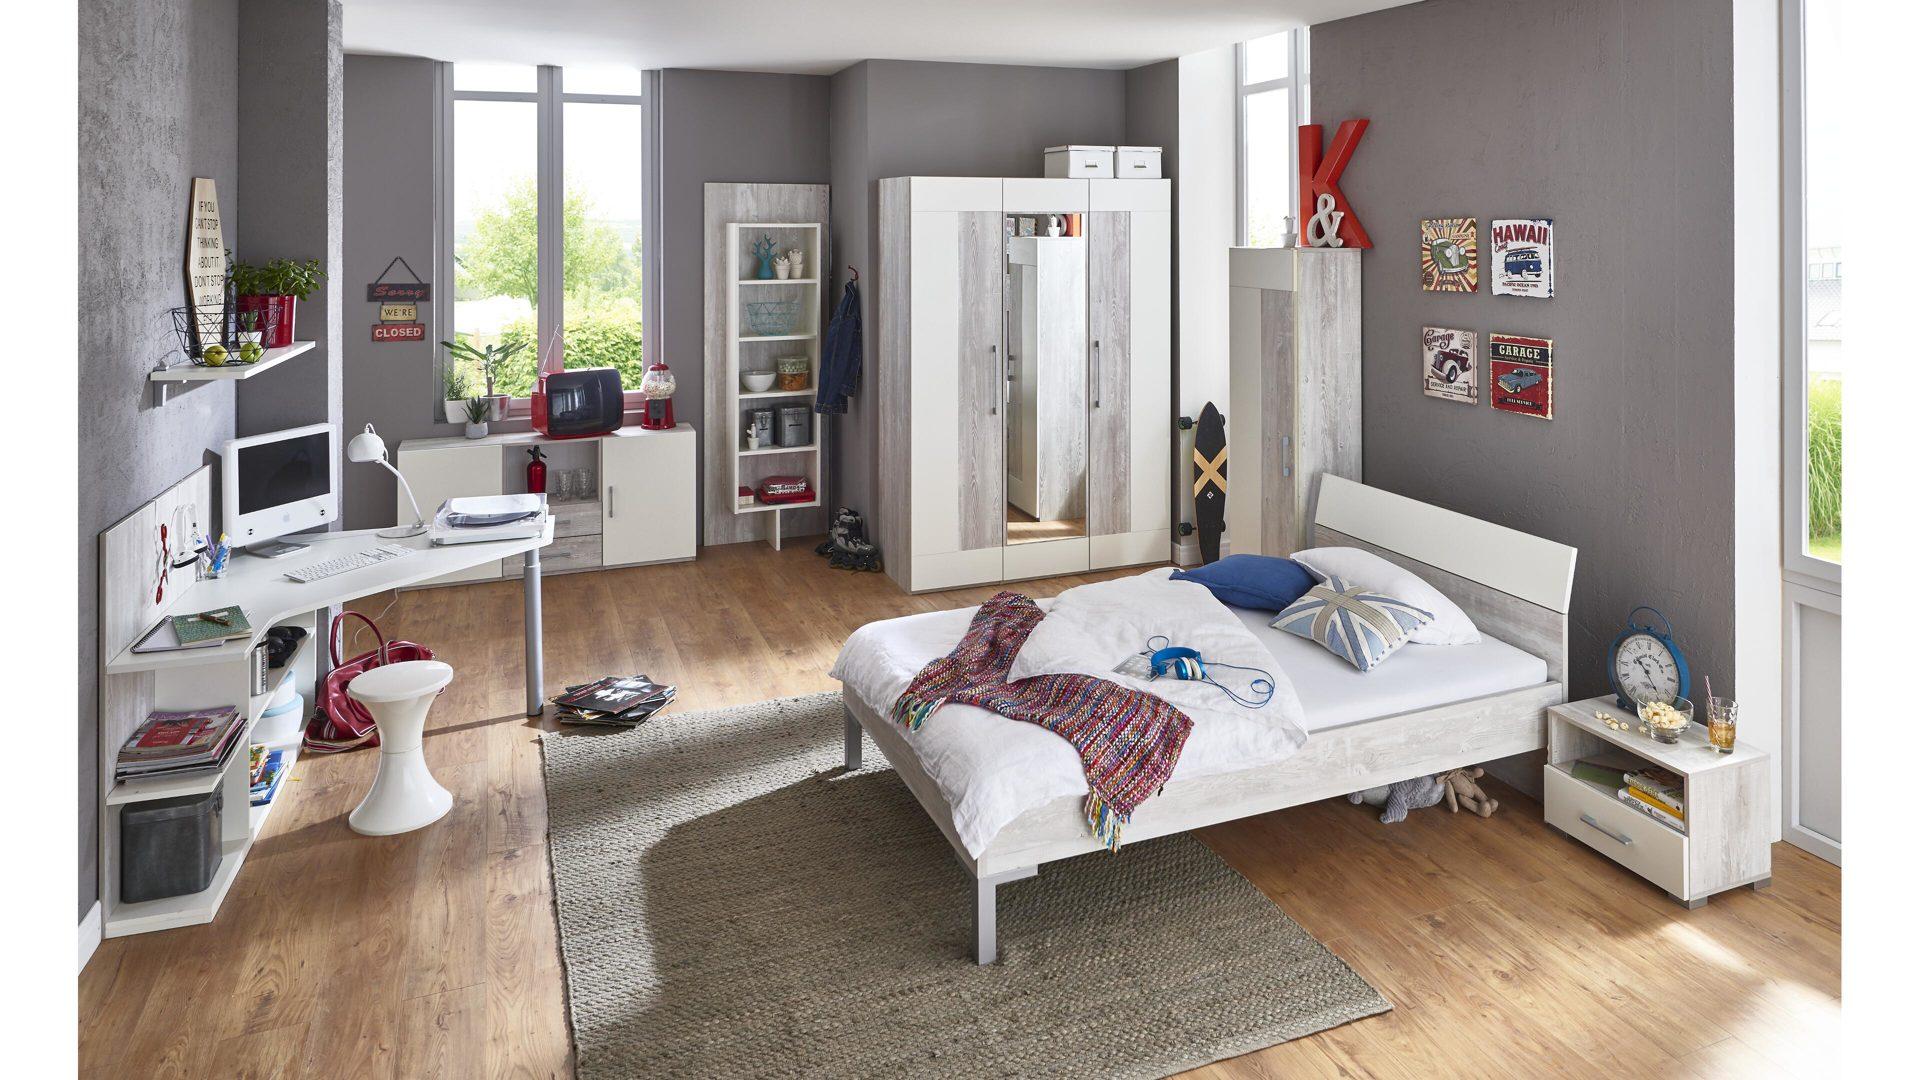 Jobst Wohnwelt Traunreut Räume Jugendzimmer Kinderzimmer